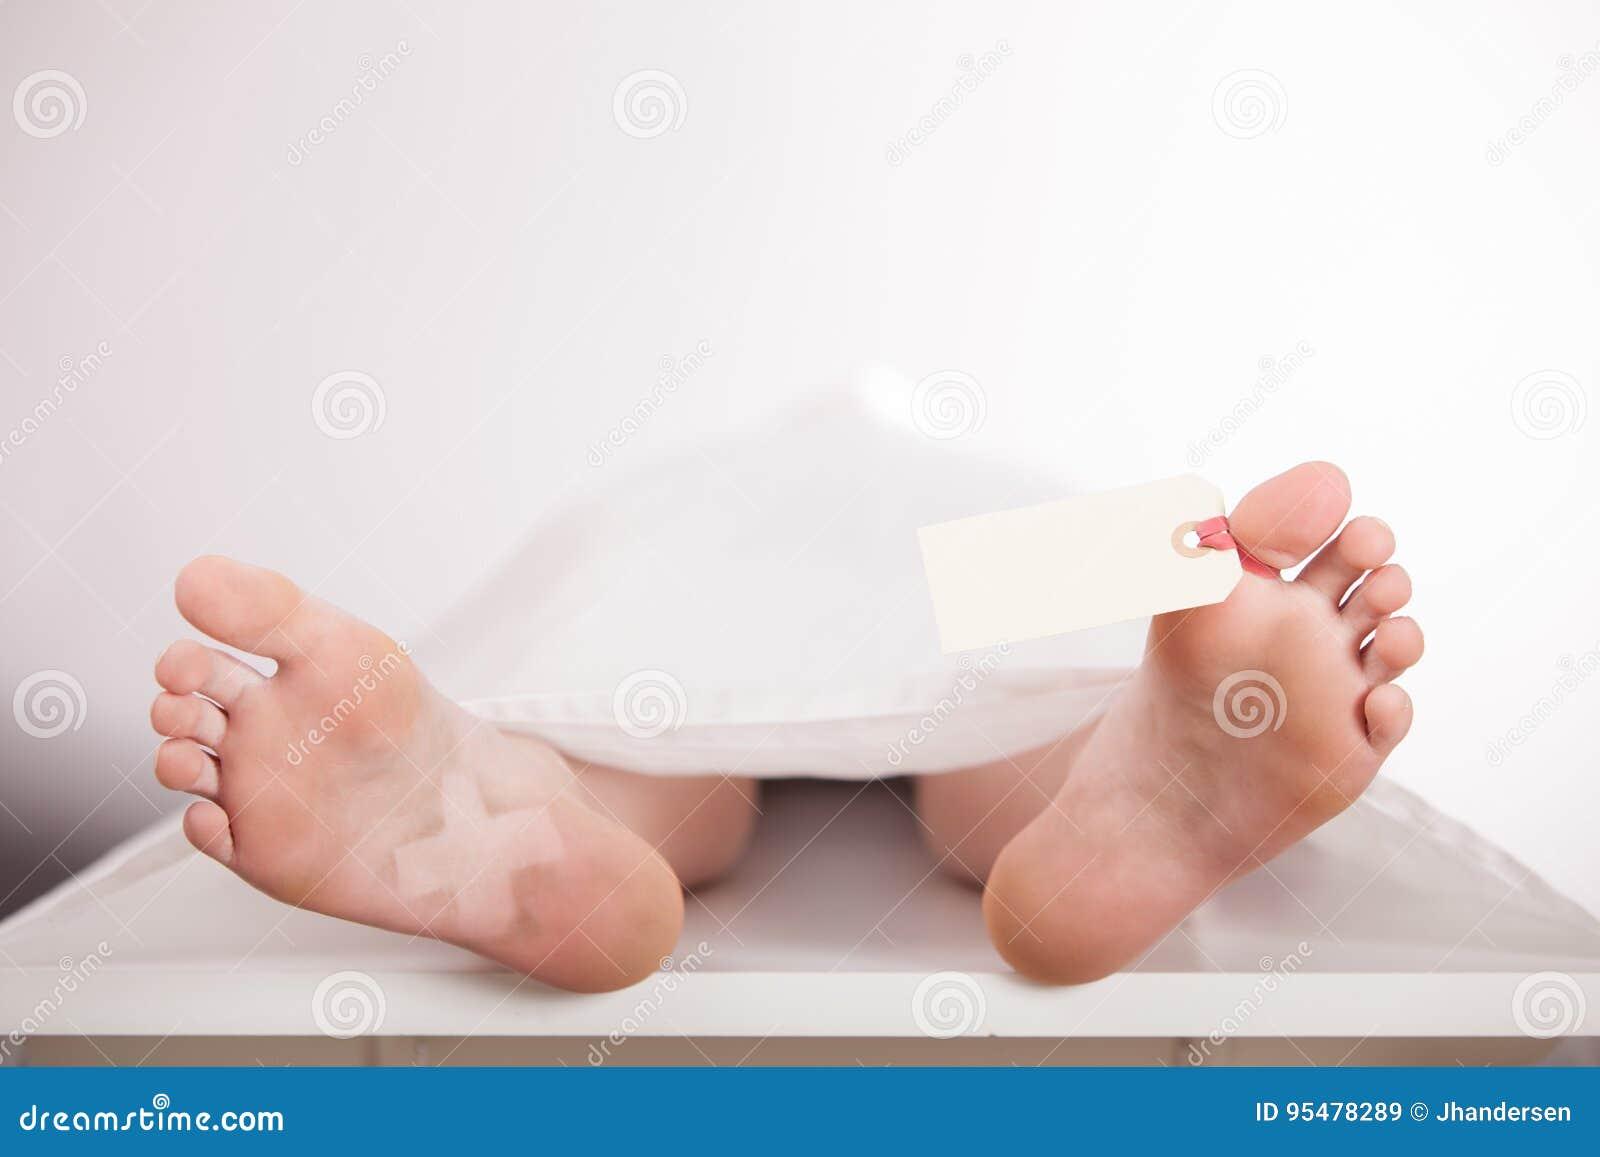 Chłopiec ciało lub zwłoki na przedpogrzebowej cegiełce